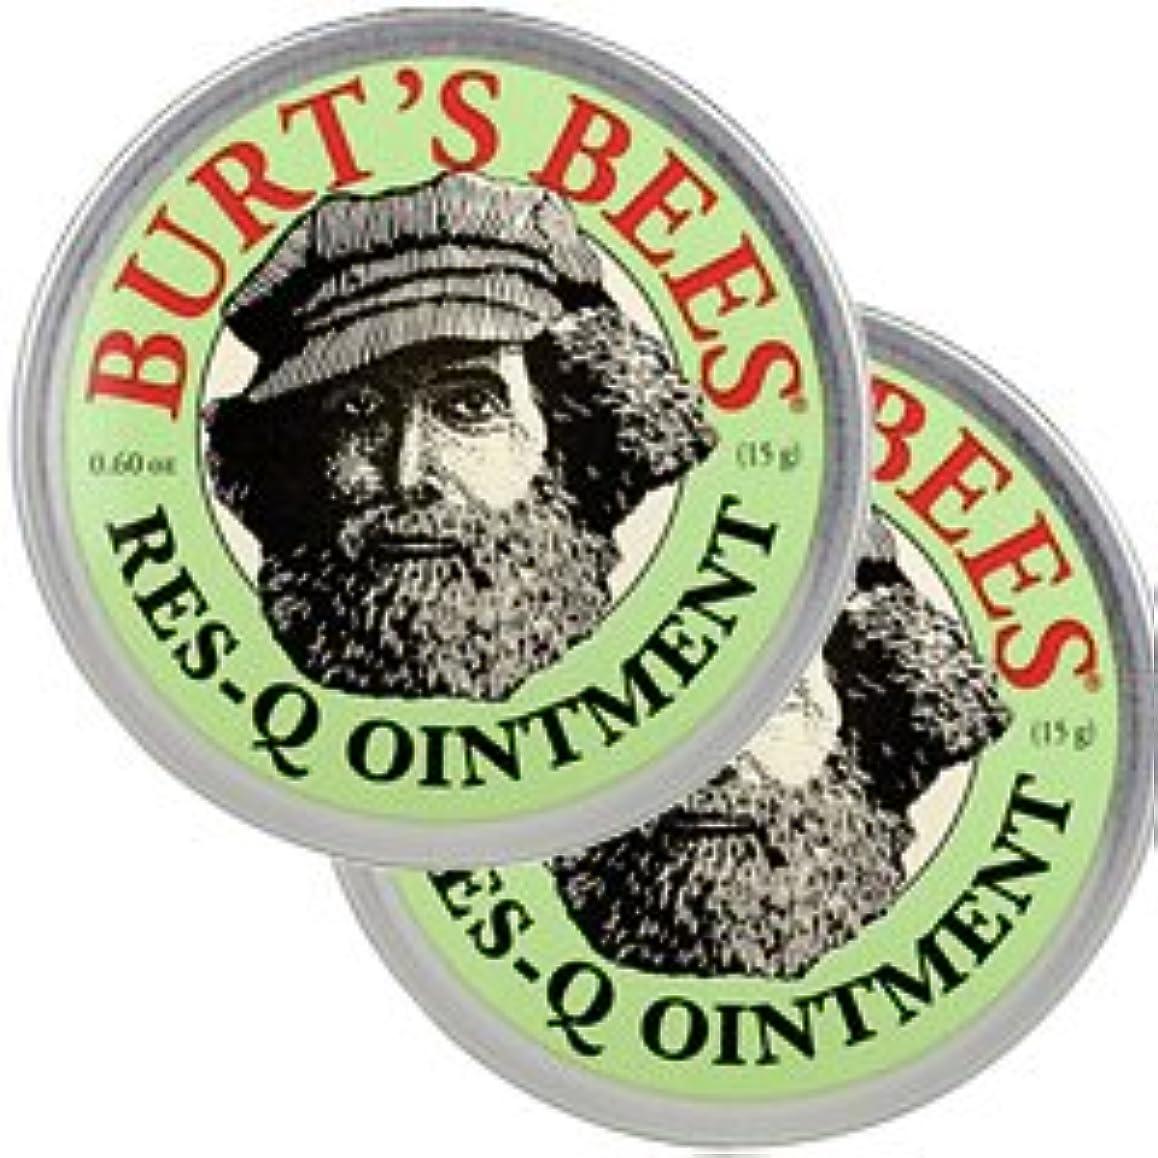 シャッフル農奴圧縮するバーツビーズ(Burt's Bees)レスキュー オイントメント 17g 2個セット[並行輸入品][海外直送品]